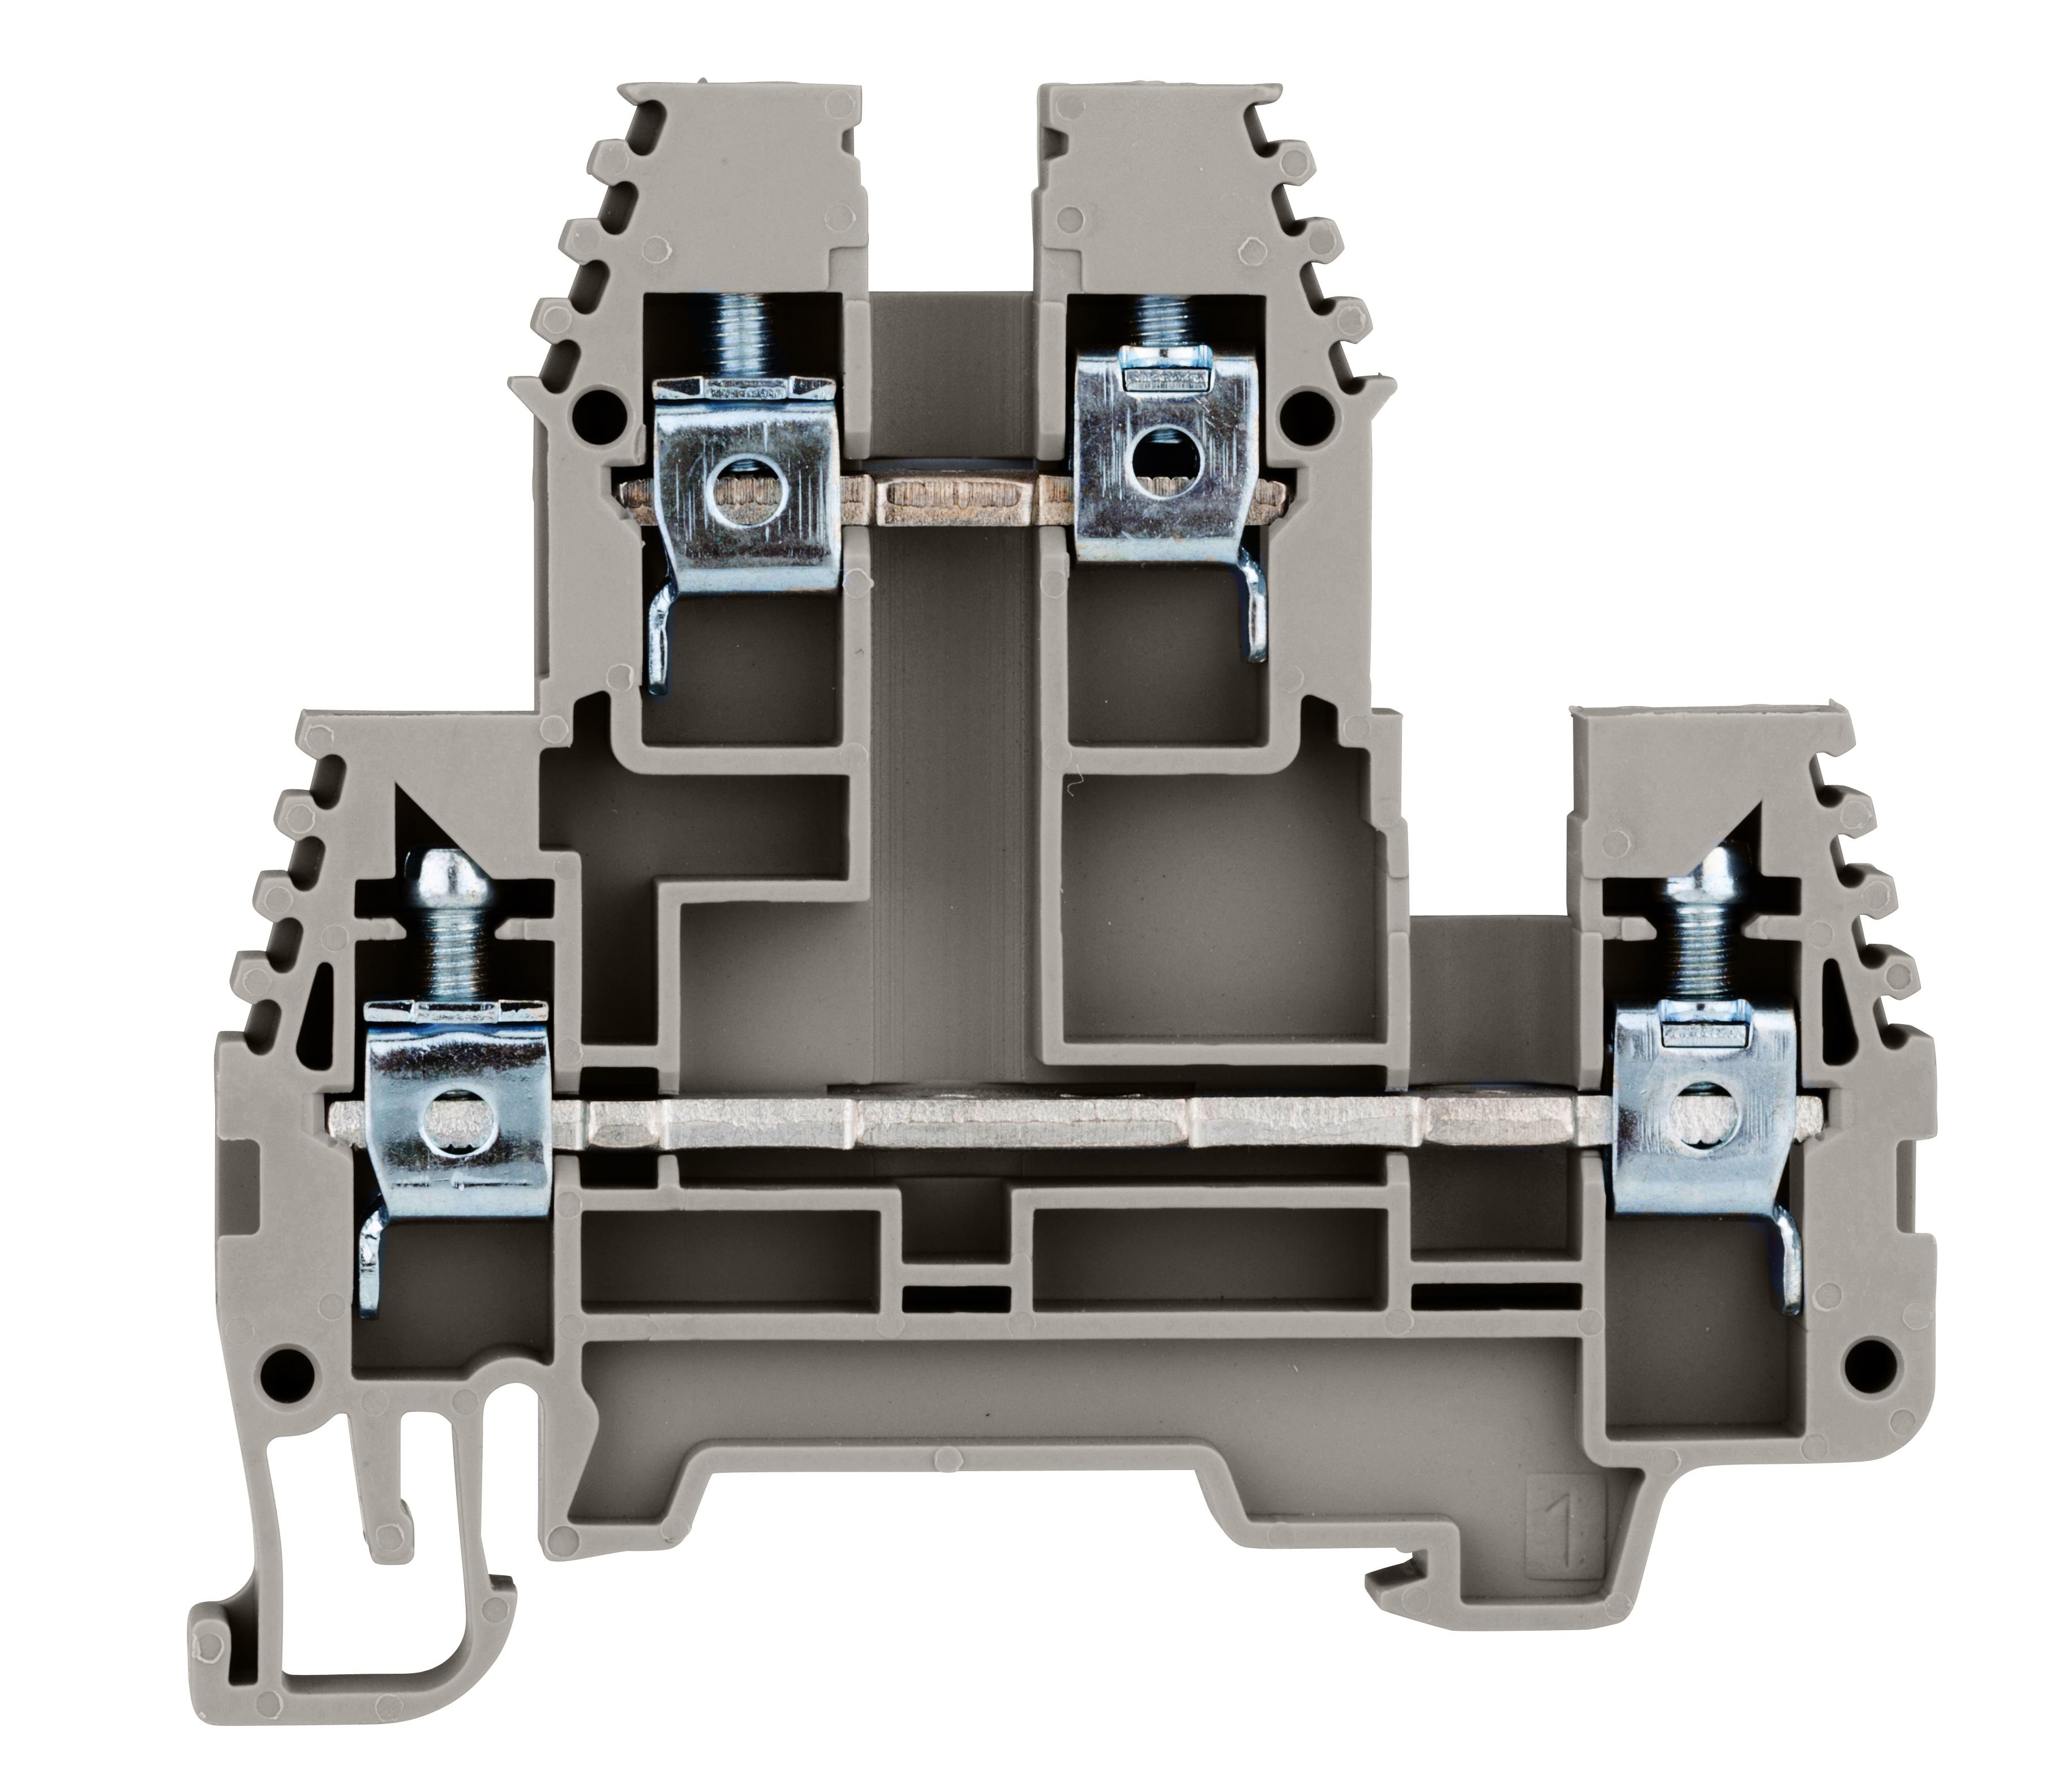 1 Stk Doppelstockklemme 4mm², Type PIK 4 N grau IK650004--